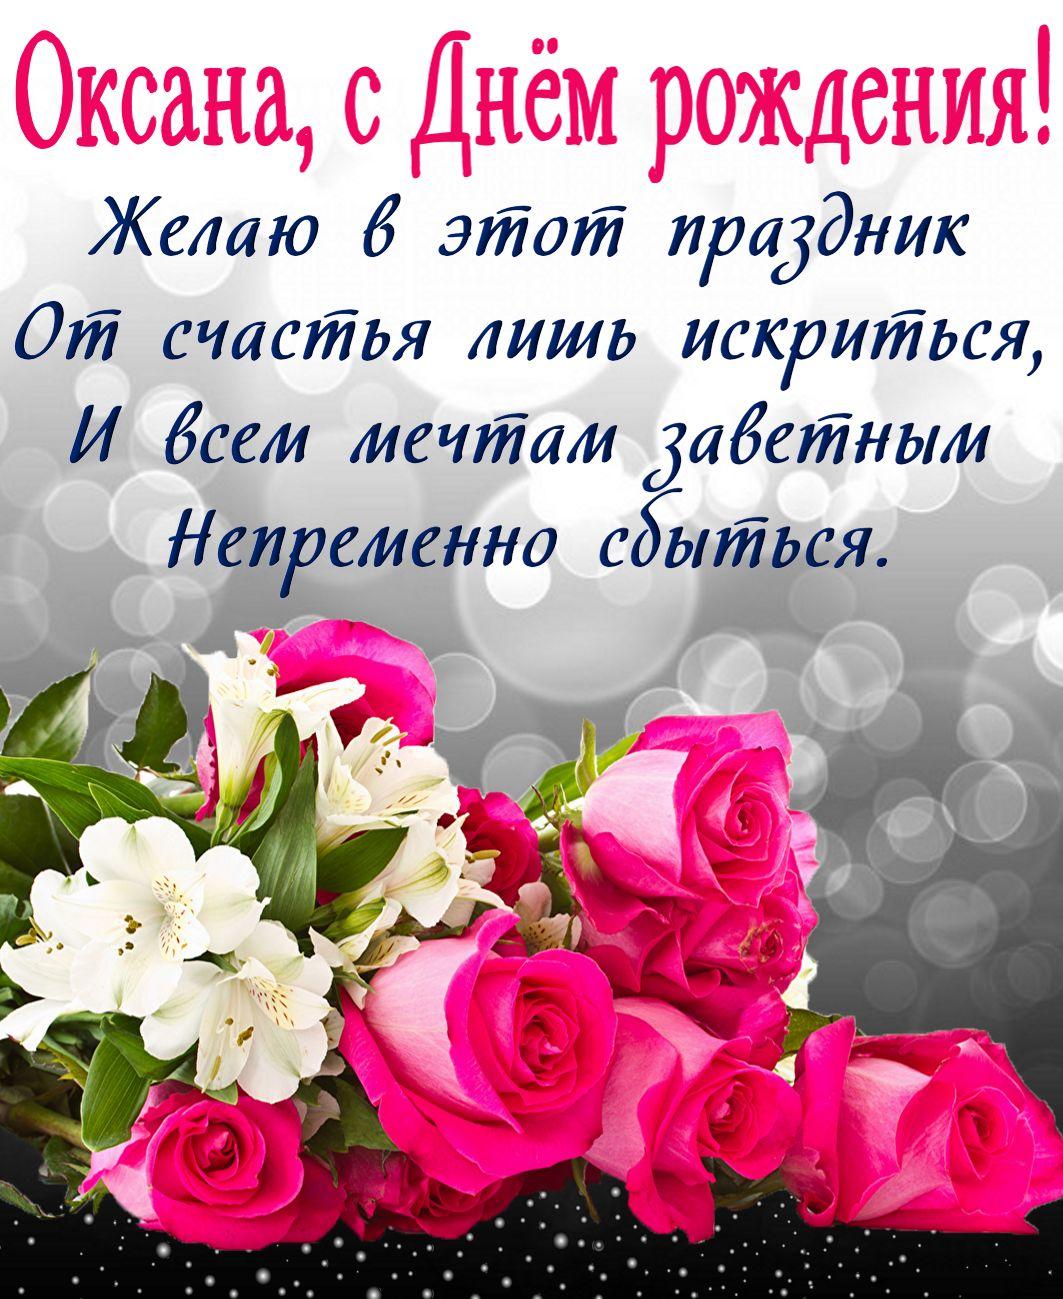 Открытка со стихами и розами на День рождения